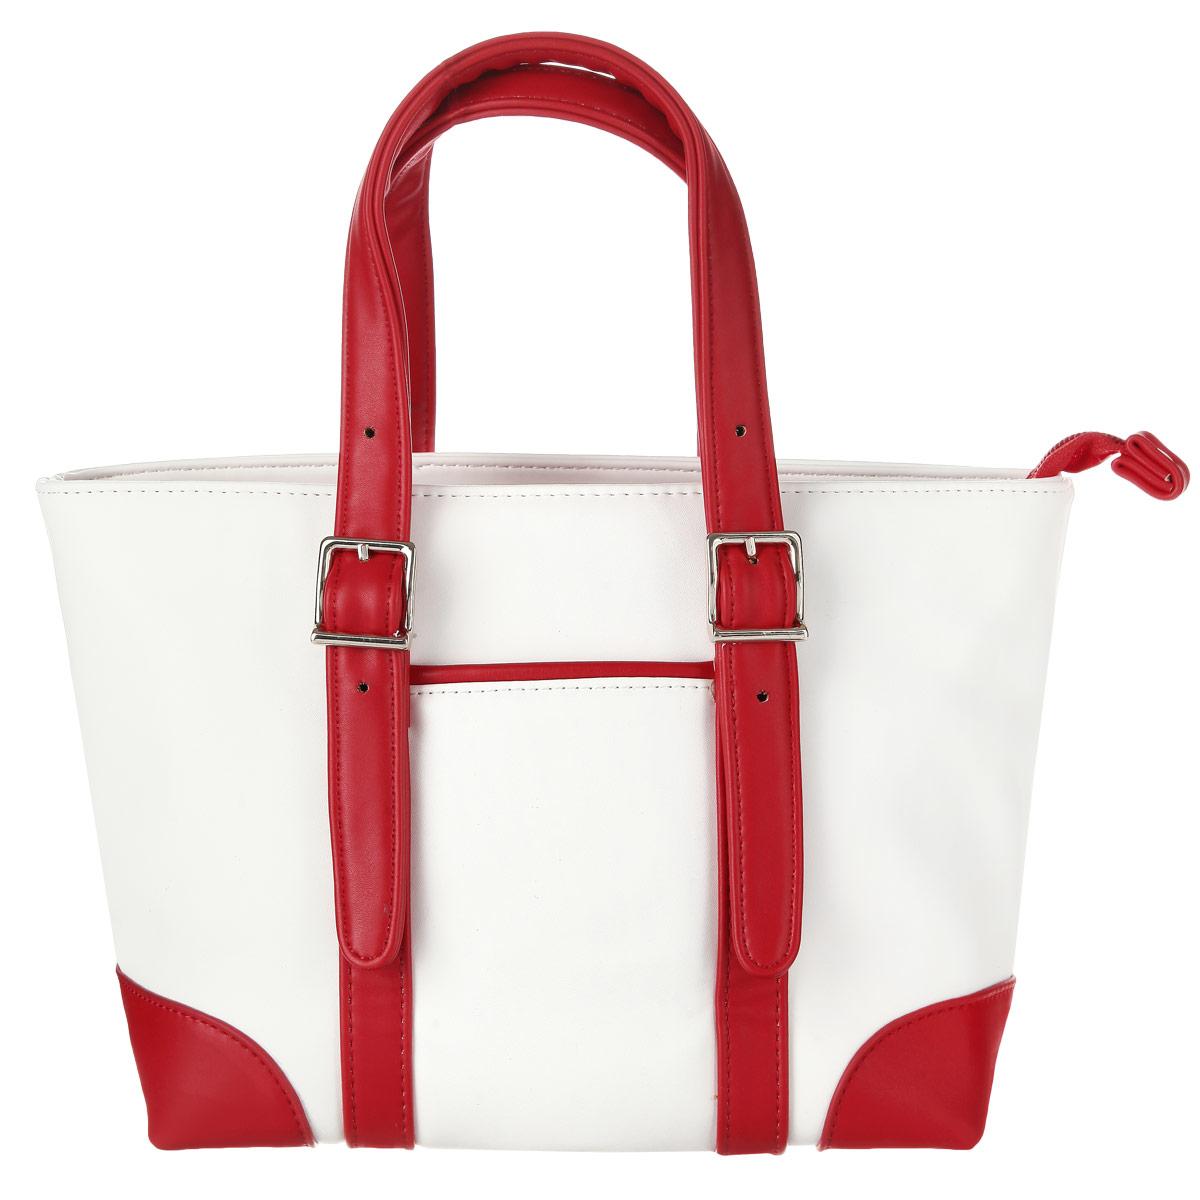 Сумка женская Leighton, цвет: белый, красный. 550265-082S76245Изысканная женская сумка Leighton выполнена из высококачественной искусственной кожи. Сумка закрывается на застежку-молнию. Внутри одно отделение, разделенное карманом-средником на застежке-молнии, также есть два накладных кармашка для мелочей и телефона и врезной карман на застежке-молнии. Ручки сумки крепятся на металлическую фурнитуру. Внешняя сторона дополнена не большим открытым кармашком. В комплекте чехол для хранения. Яркий дизайн сумки, сочетающий классические формы с оригинальным оформлением, позволит вам подчеркнуть свою индивидуальность и сделает ваш образ изысканным и завершенным.